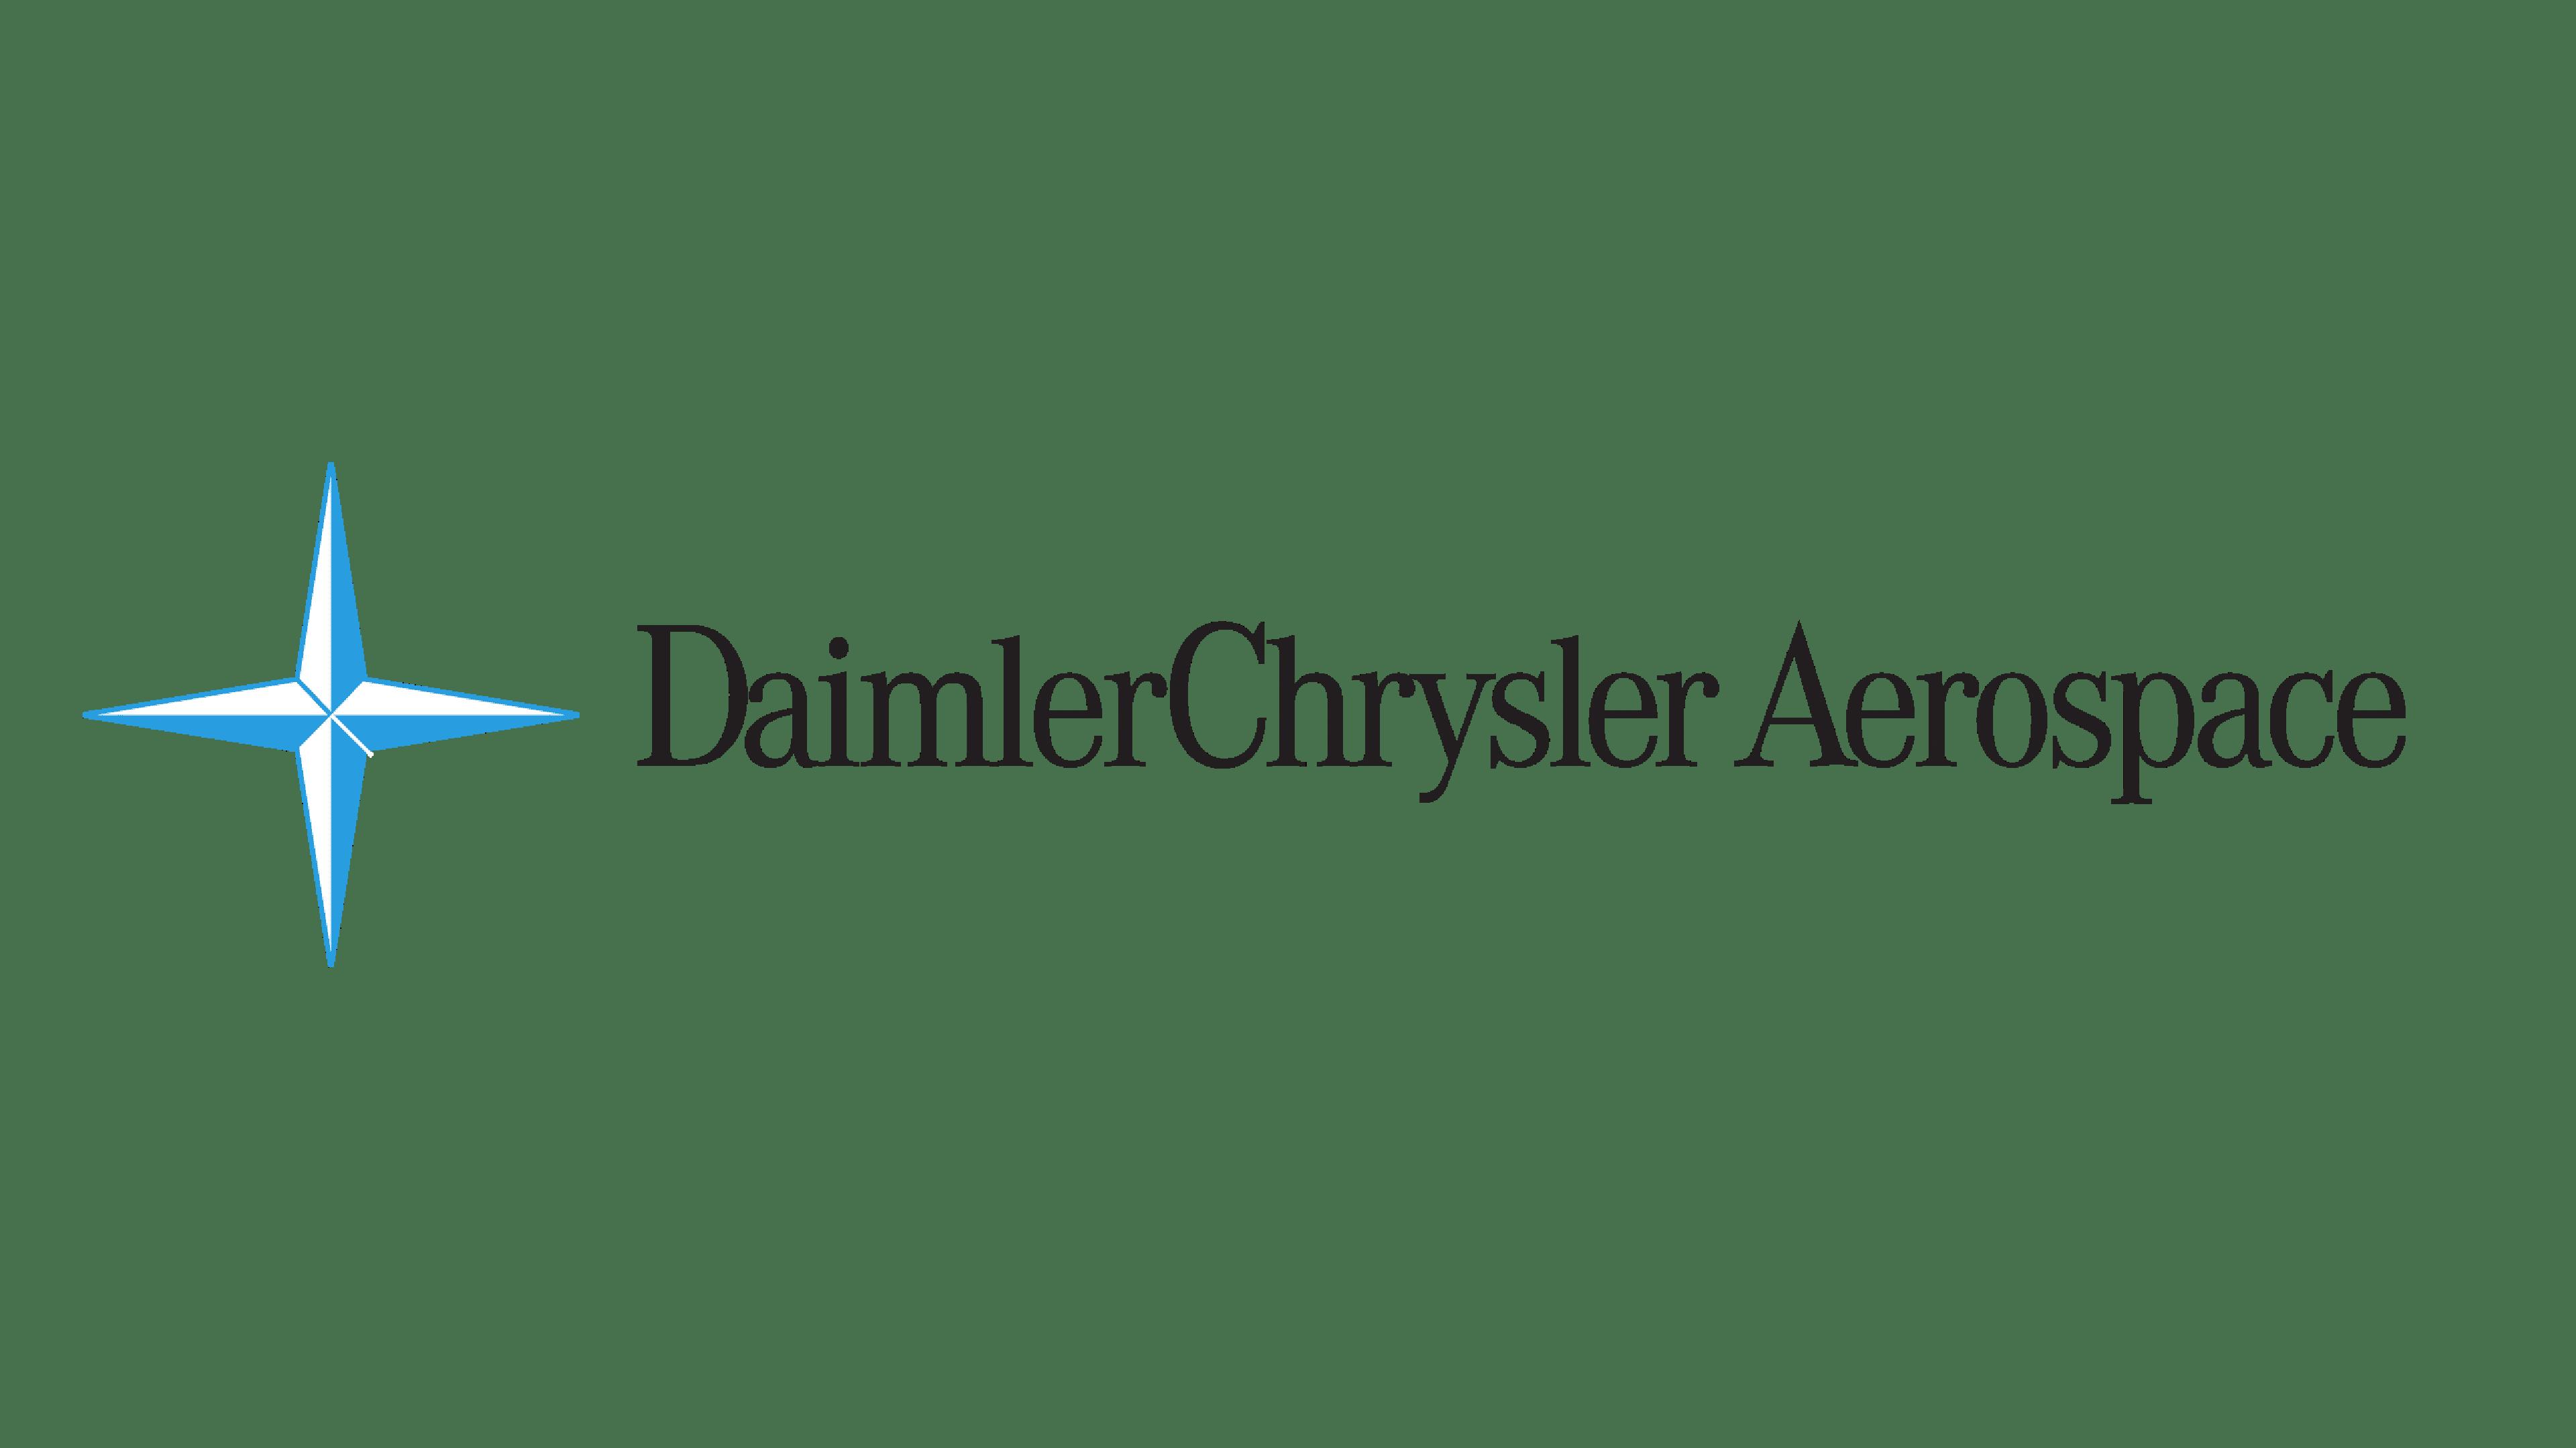 DaimlerChrysler Aerospace Logo Logo